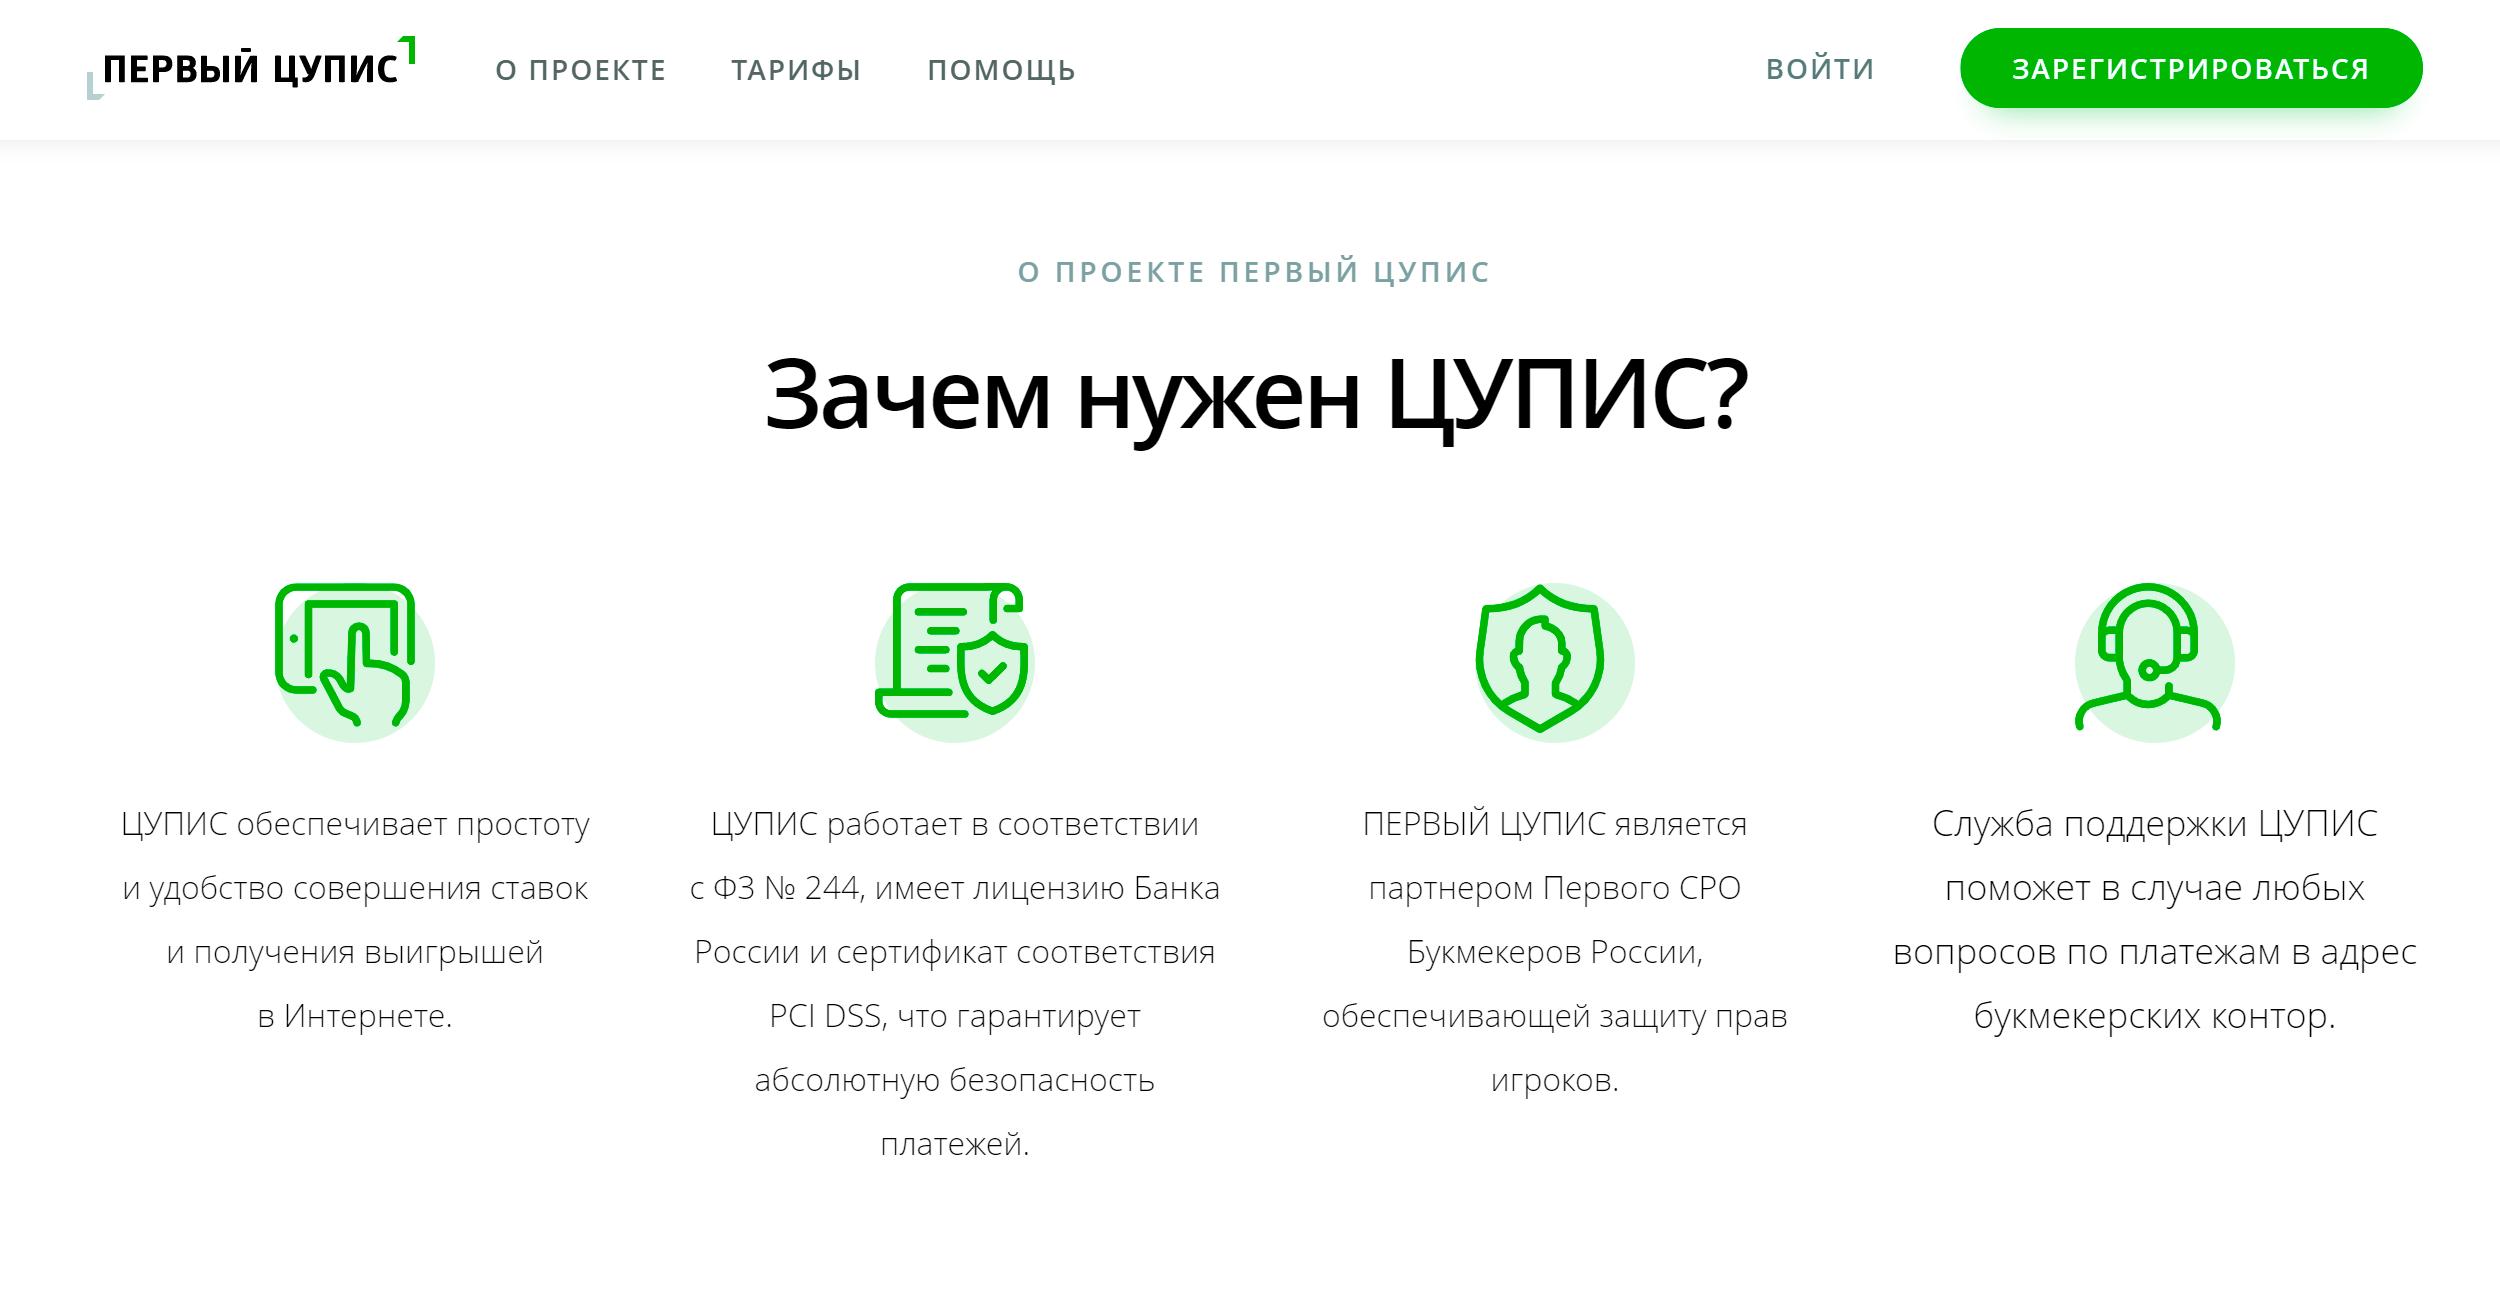 Олег тинькофф ставки на спорт телеграмм